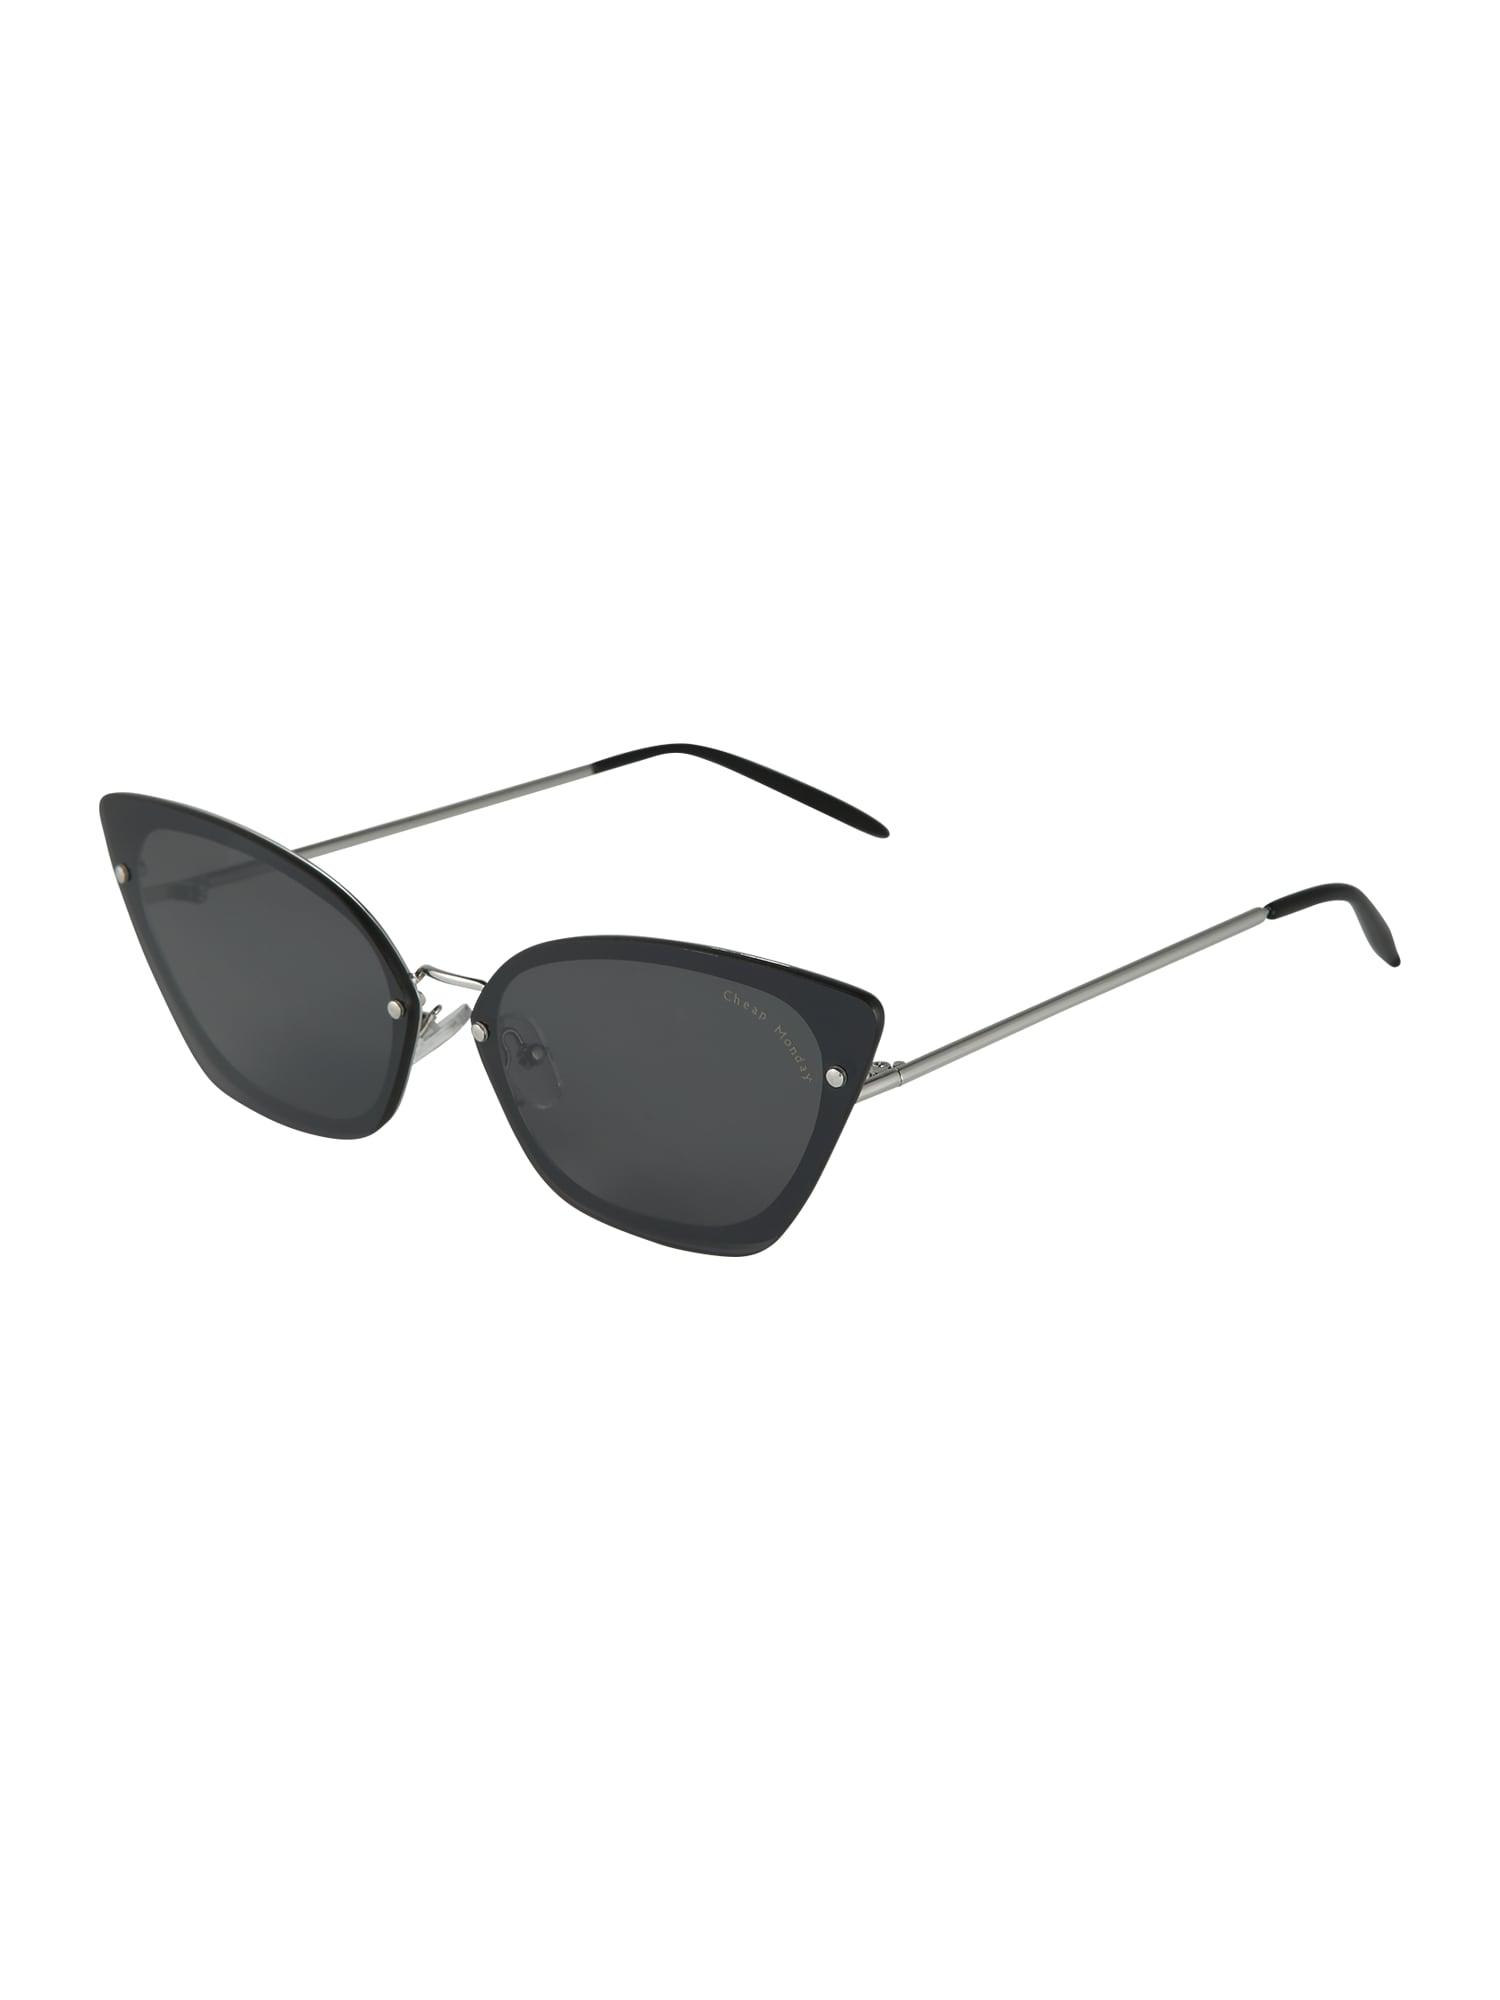 Sluneční brýle Scorn černá CHEAP MONDAY